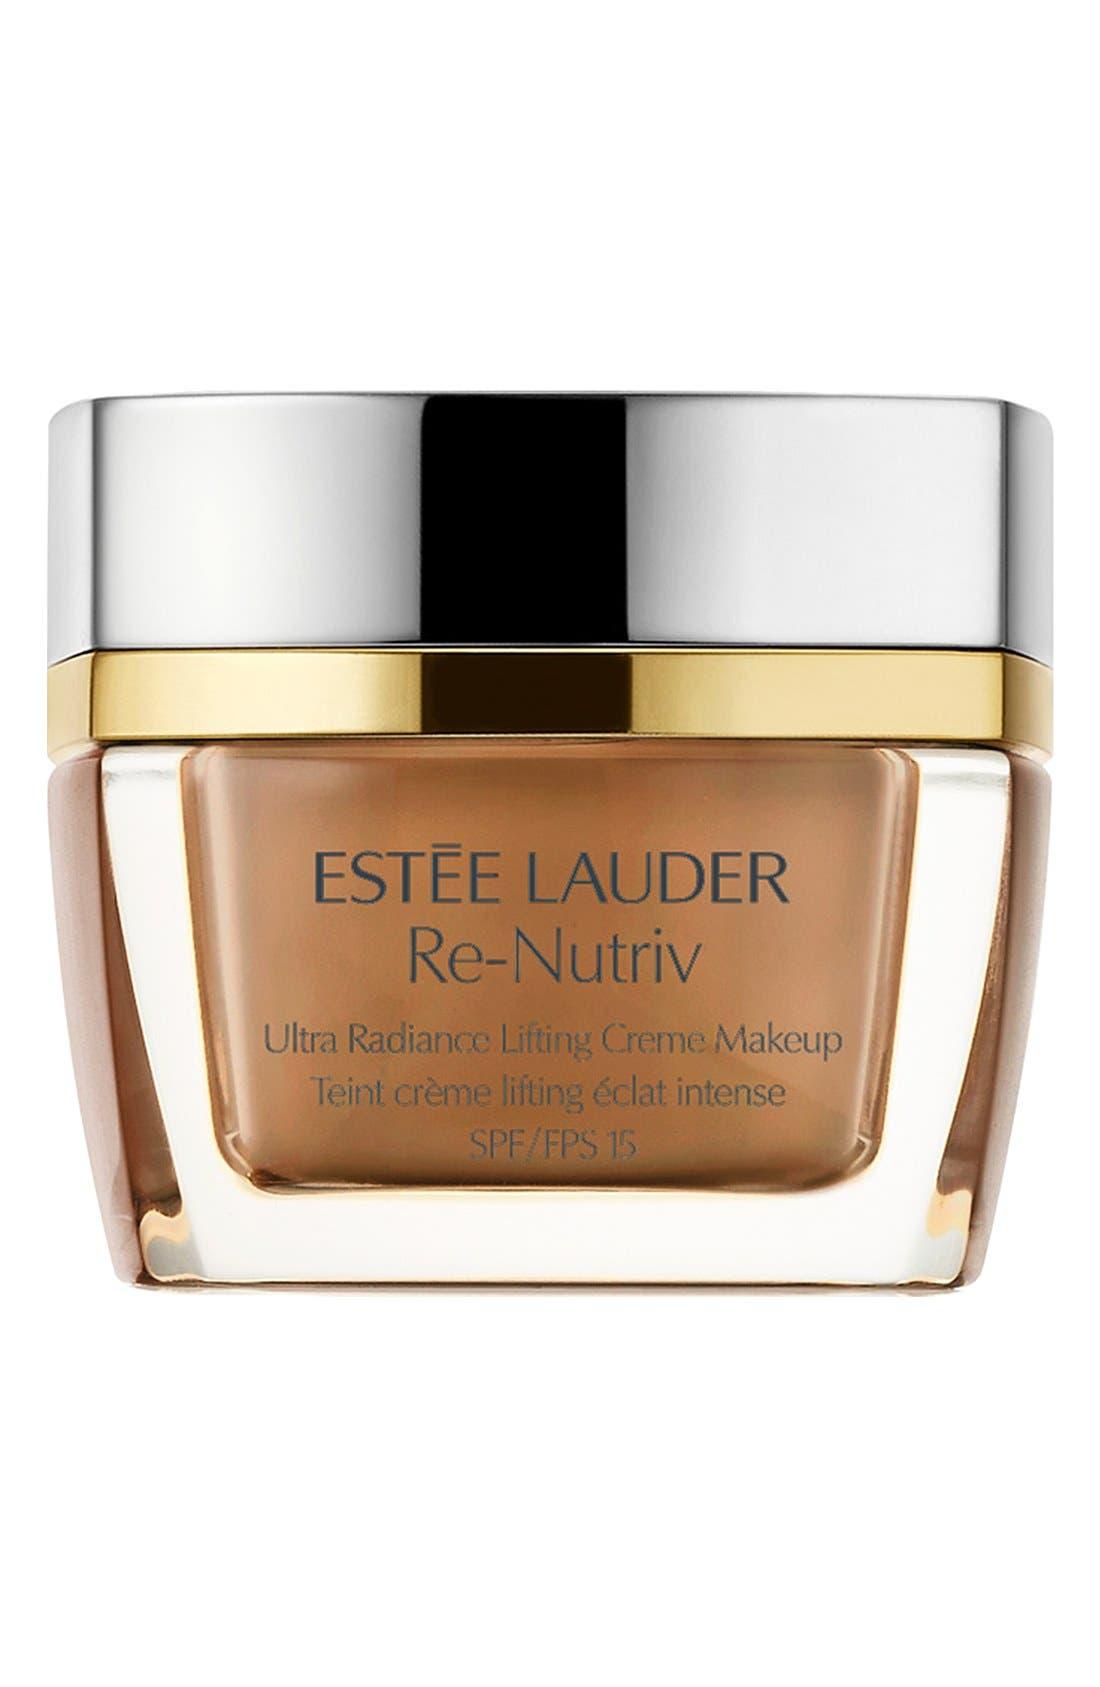 ESTÉE LAUDER, Re-Nutriv Ultra Radiance Lifting Crème Makeup, Main thumbnail 1, color, SOFT TAN 4C3